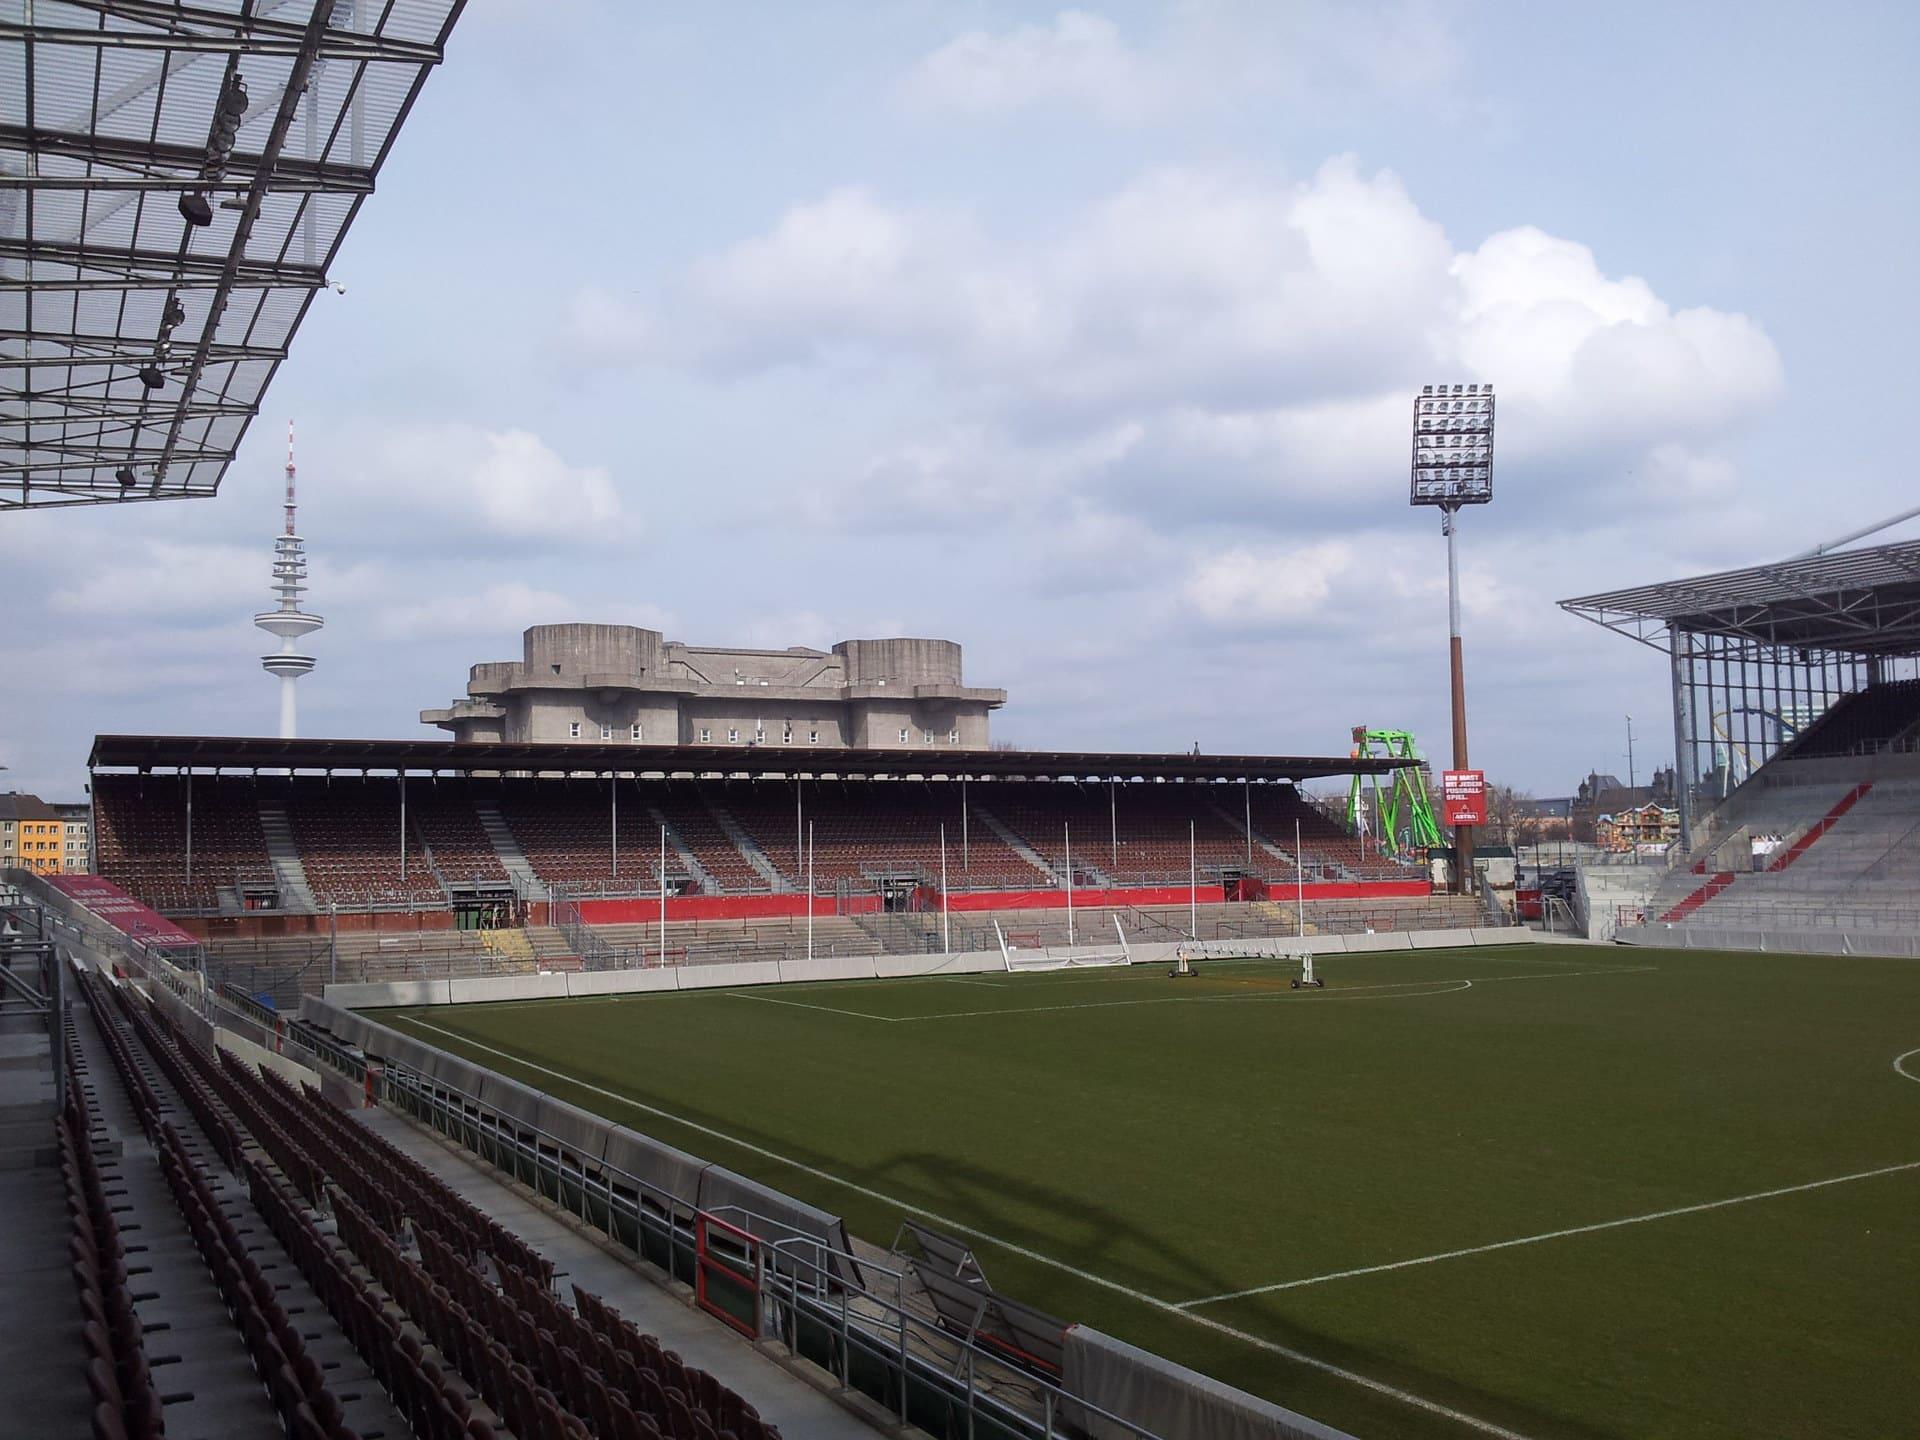 Diesjähriger Veranstaltungsort-St Pauli Stadion Hamburg/(CC)Velvet Ventures GmbH